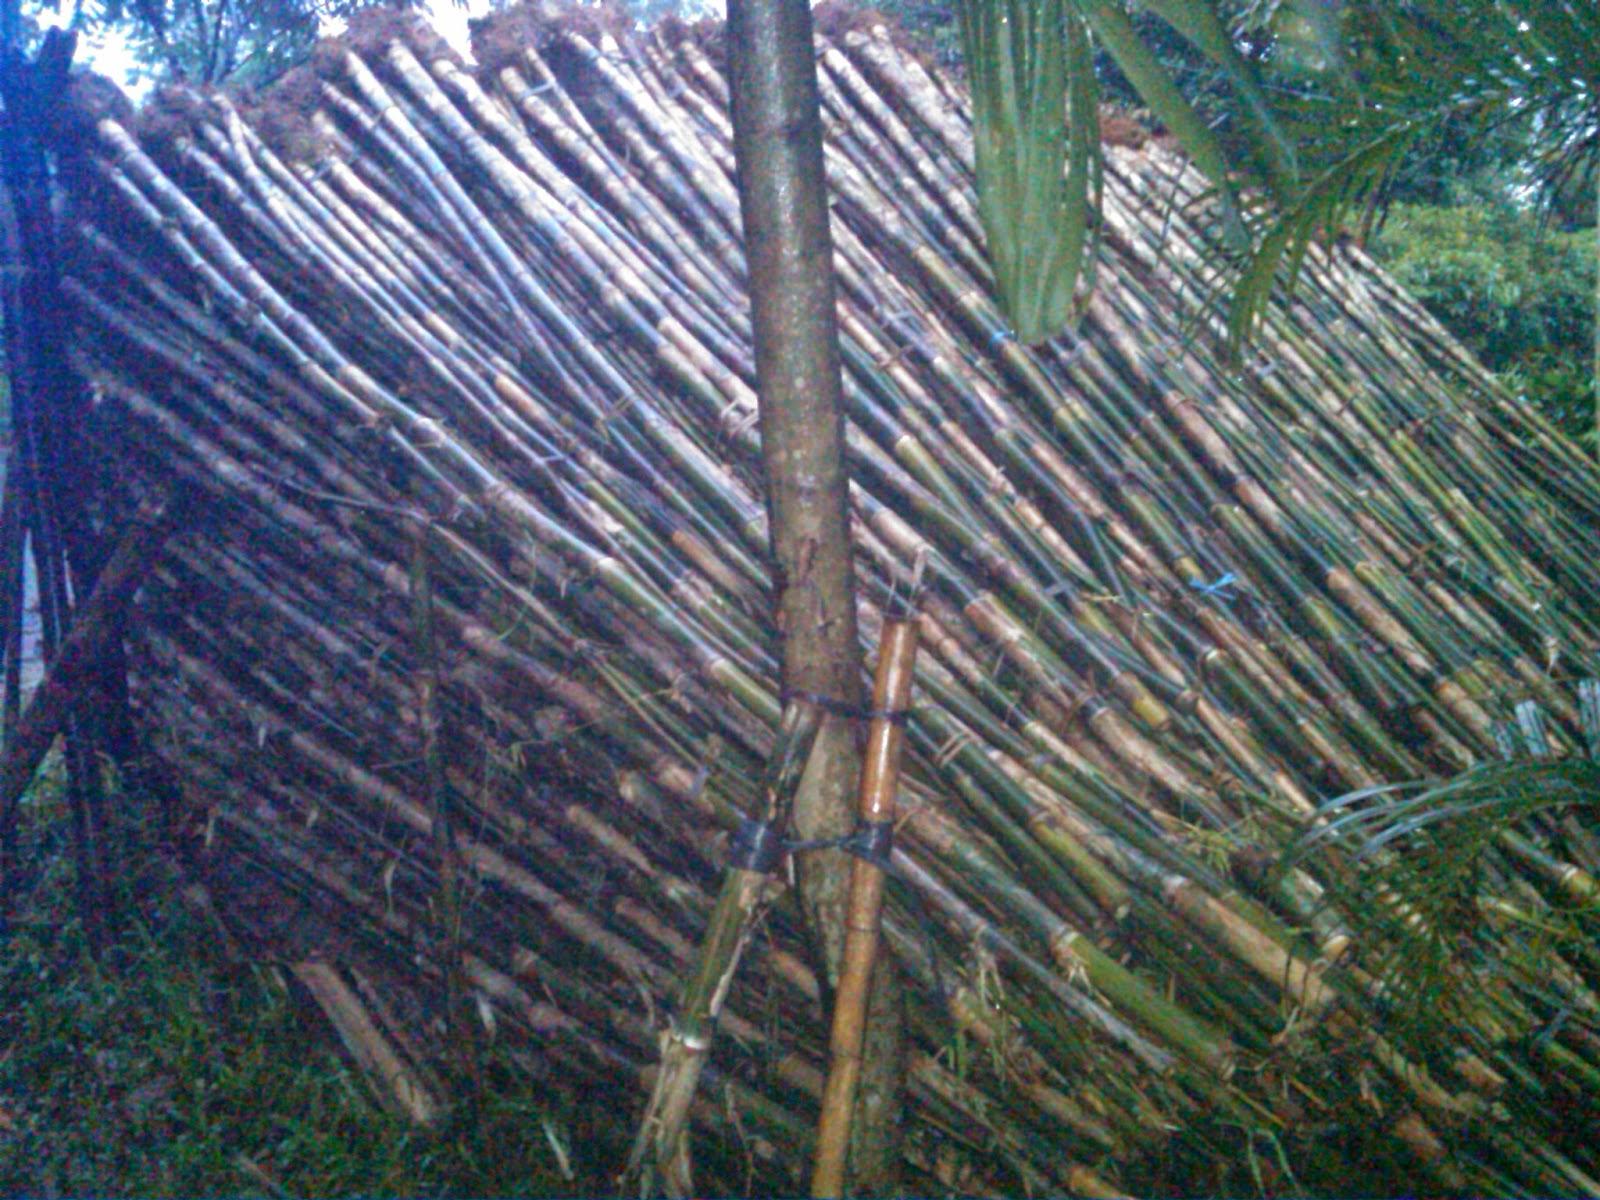 jual bambu jepang untuk pagar